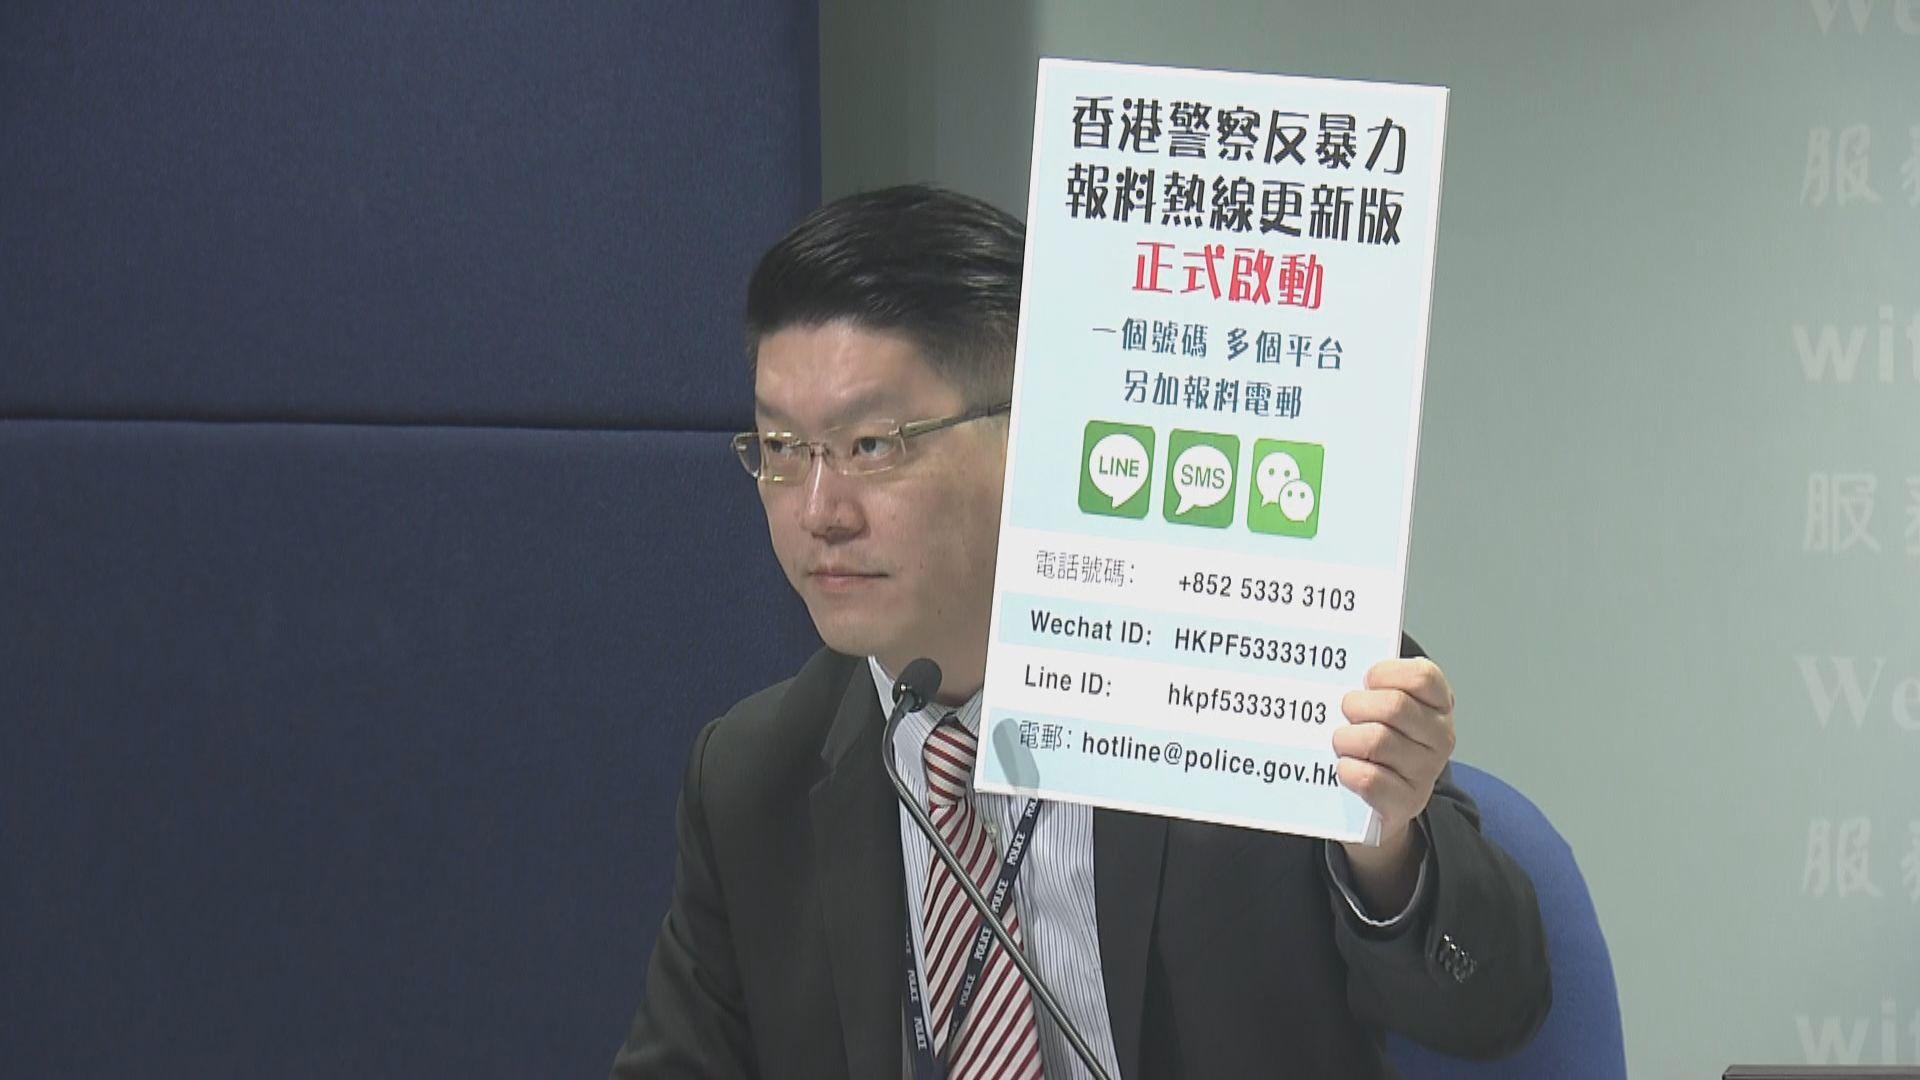 【捲土重來】警方重推反暴力報料熱線 Line及WeChat可用